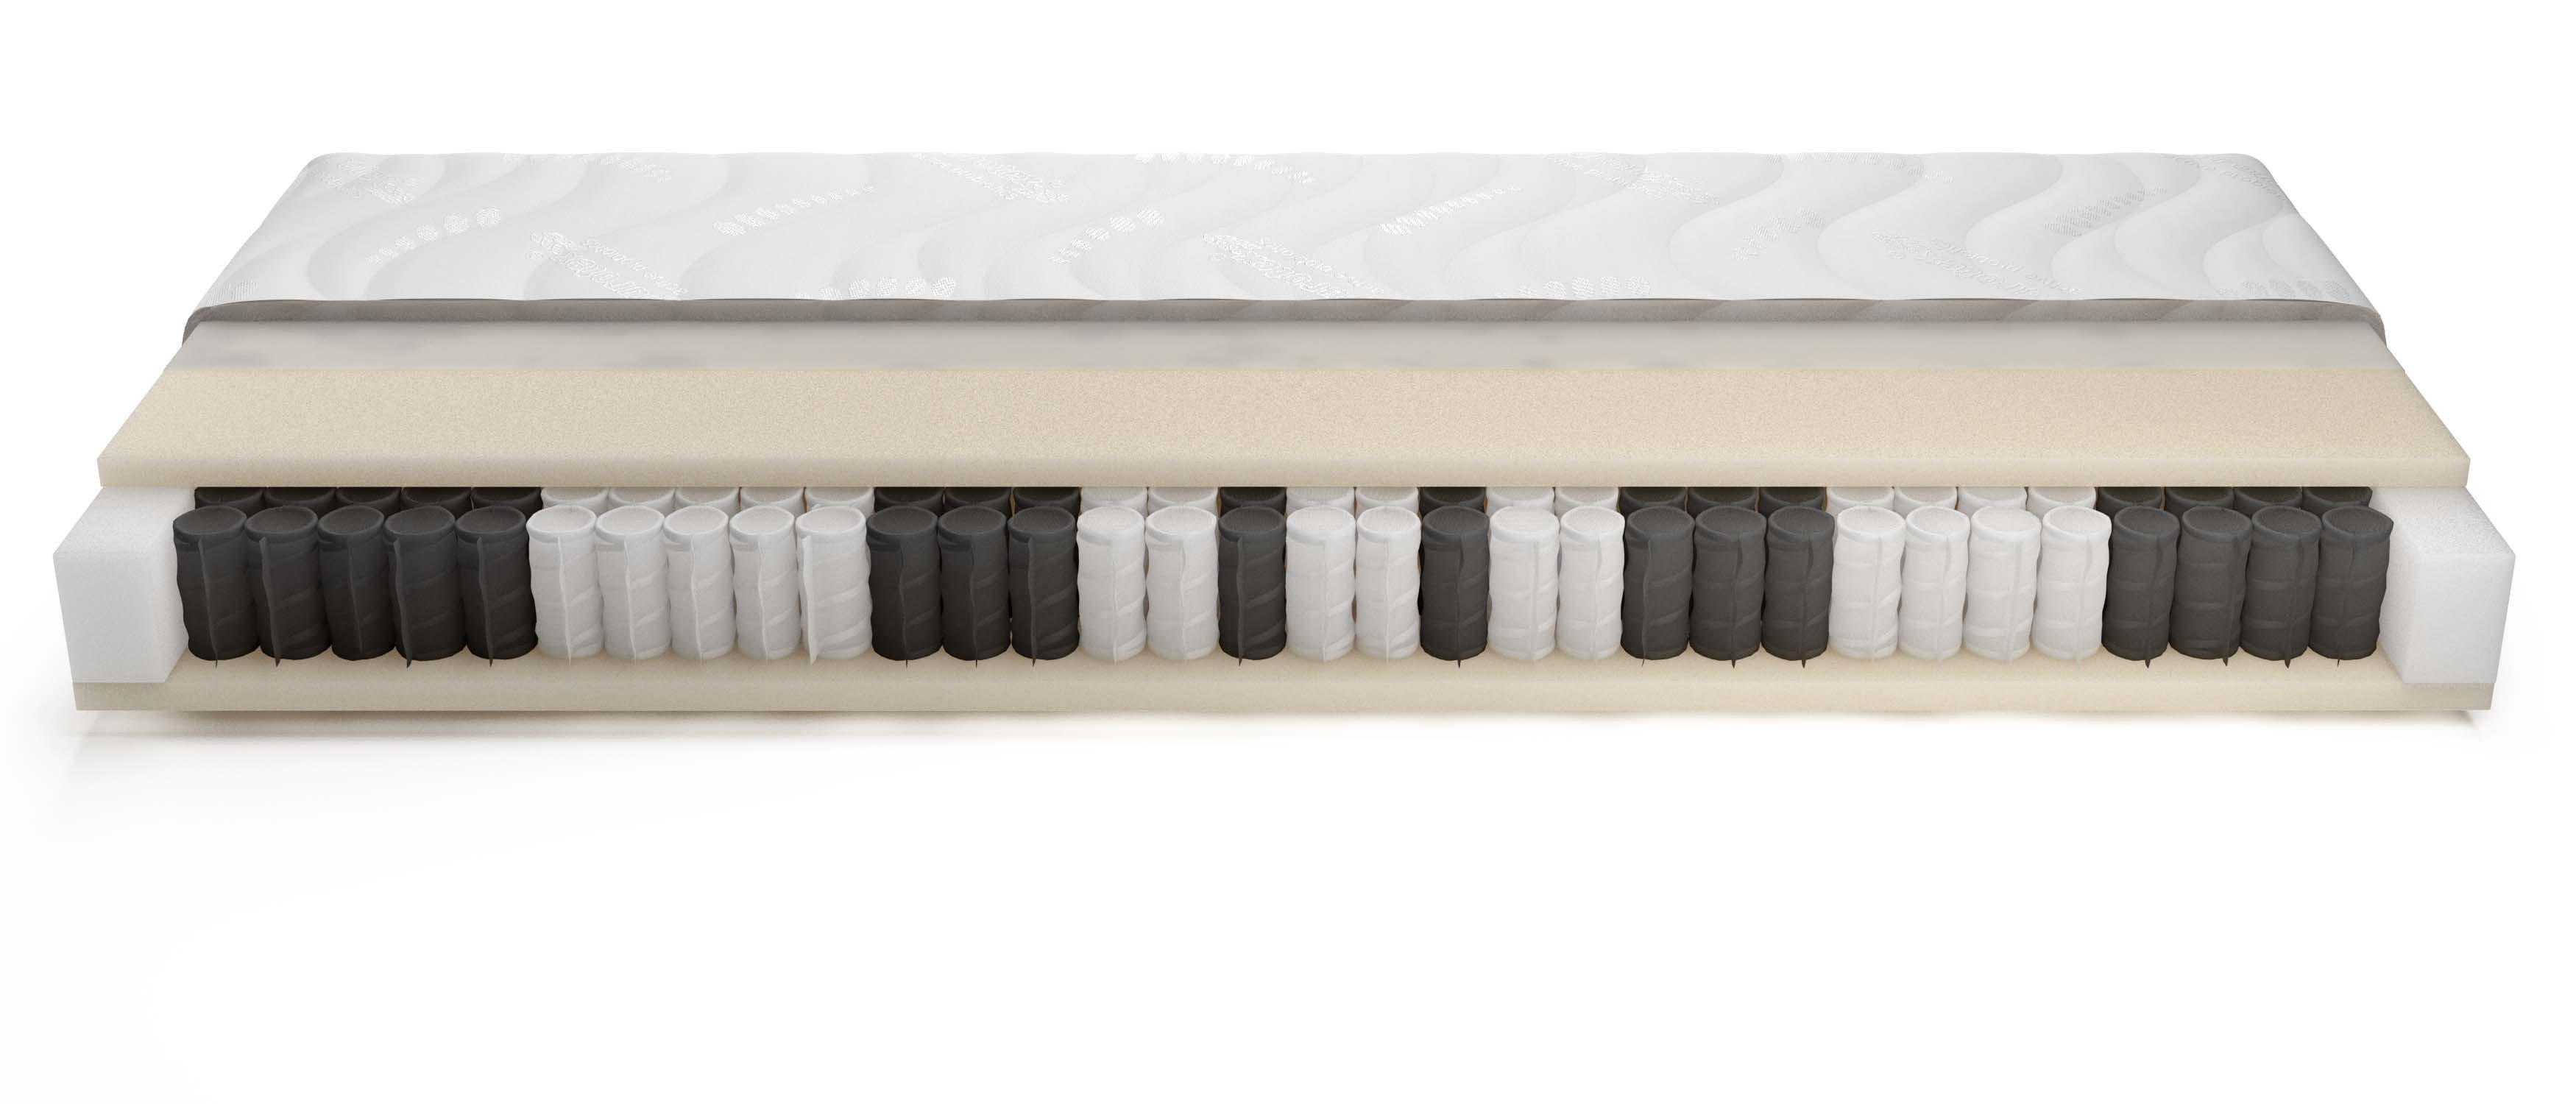 Matratze 50 X 200 : schlaraffia sky 200 tfk matratze ca 90 x 200 cm m bel ~ Watch28wear.com Haus und Dekorationen